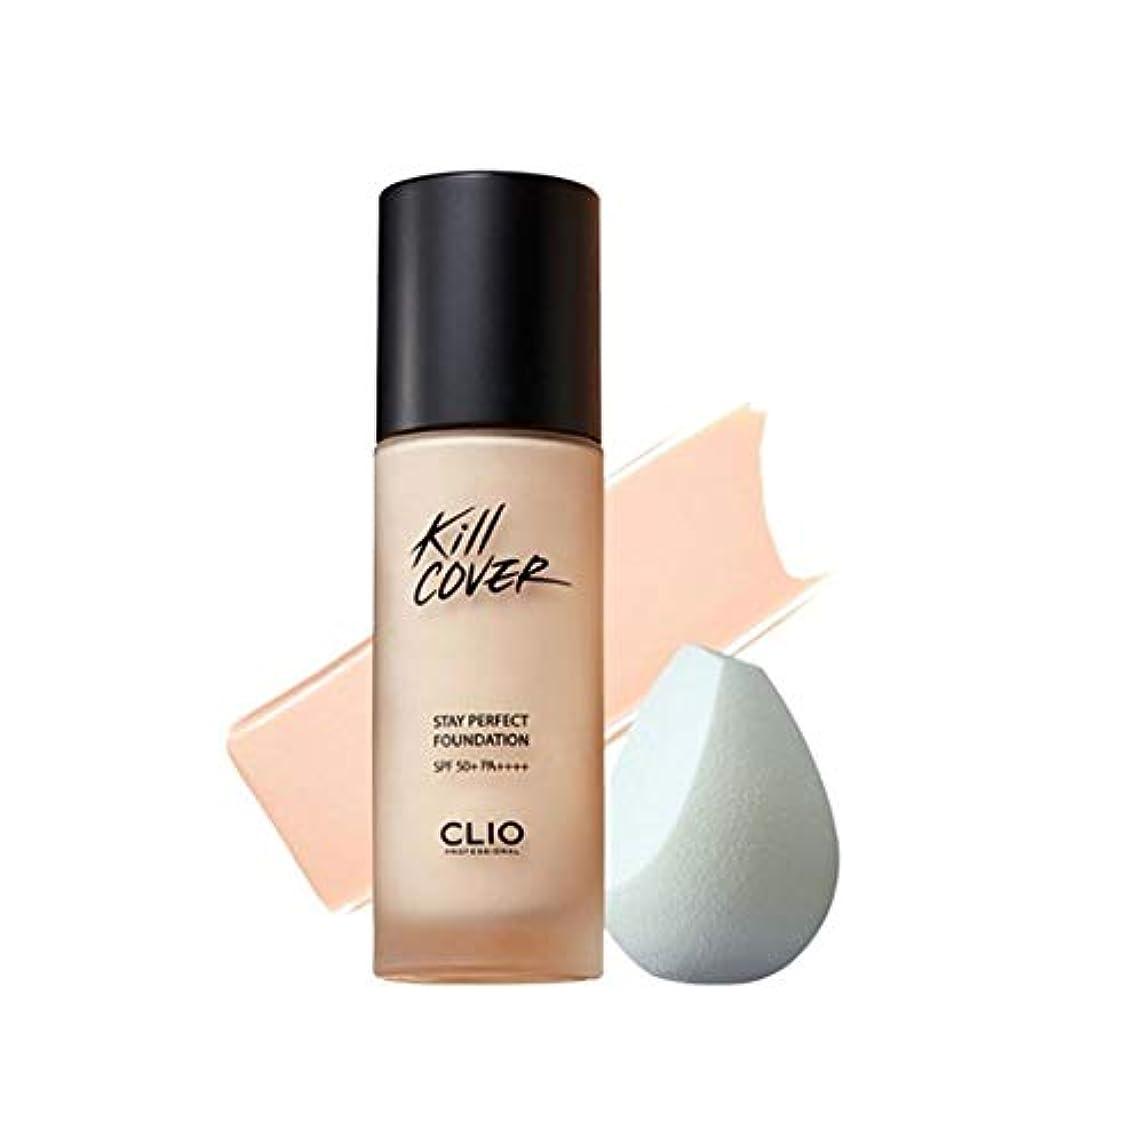 オーバードロー誤解させる豊かなクリオキルカバーステイパーフェクトファンデーション 35g 4カラー 韓国コスメ、Clio Kill Cover Stay Perfect Foundation 35g 4 Colors Korean Cosmetics...